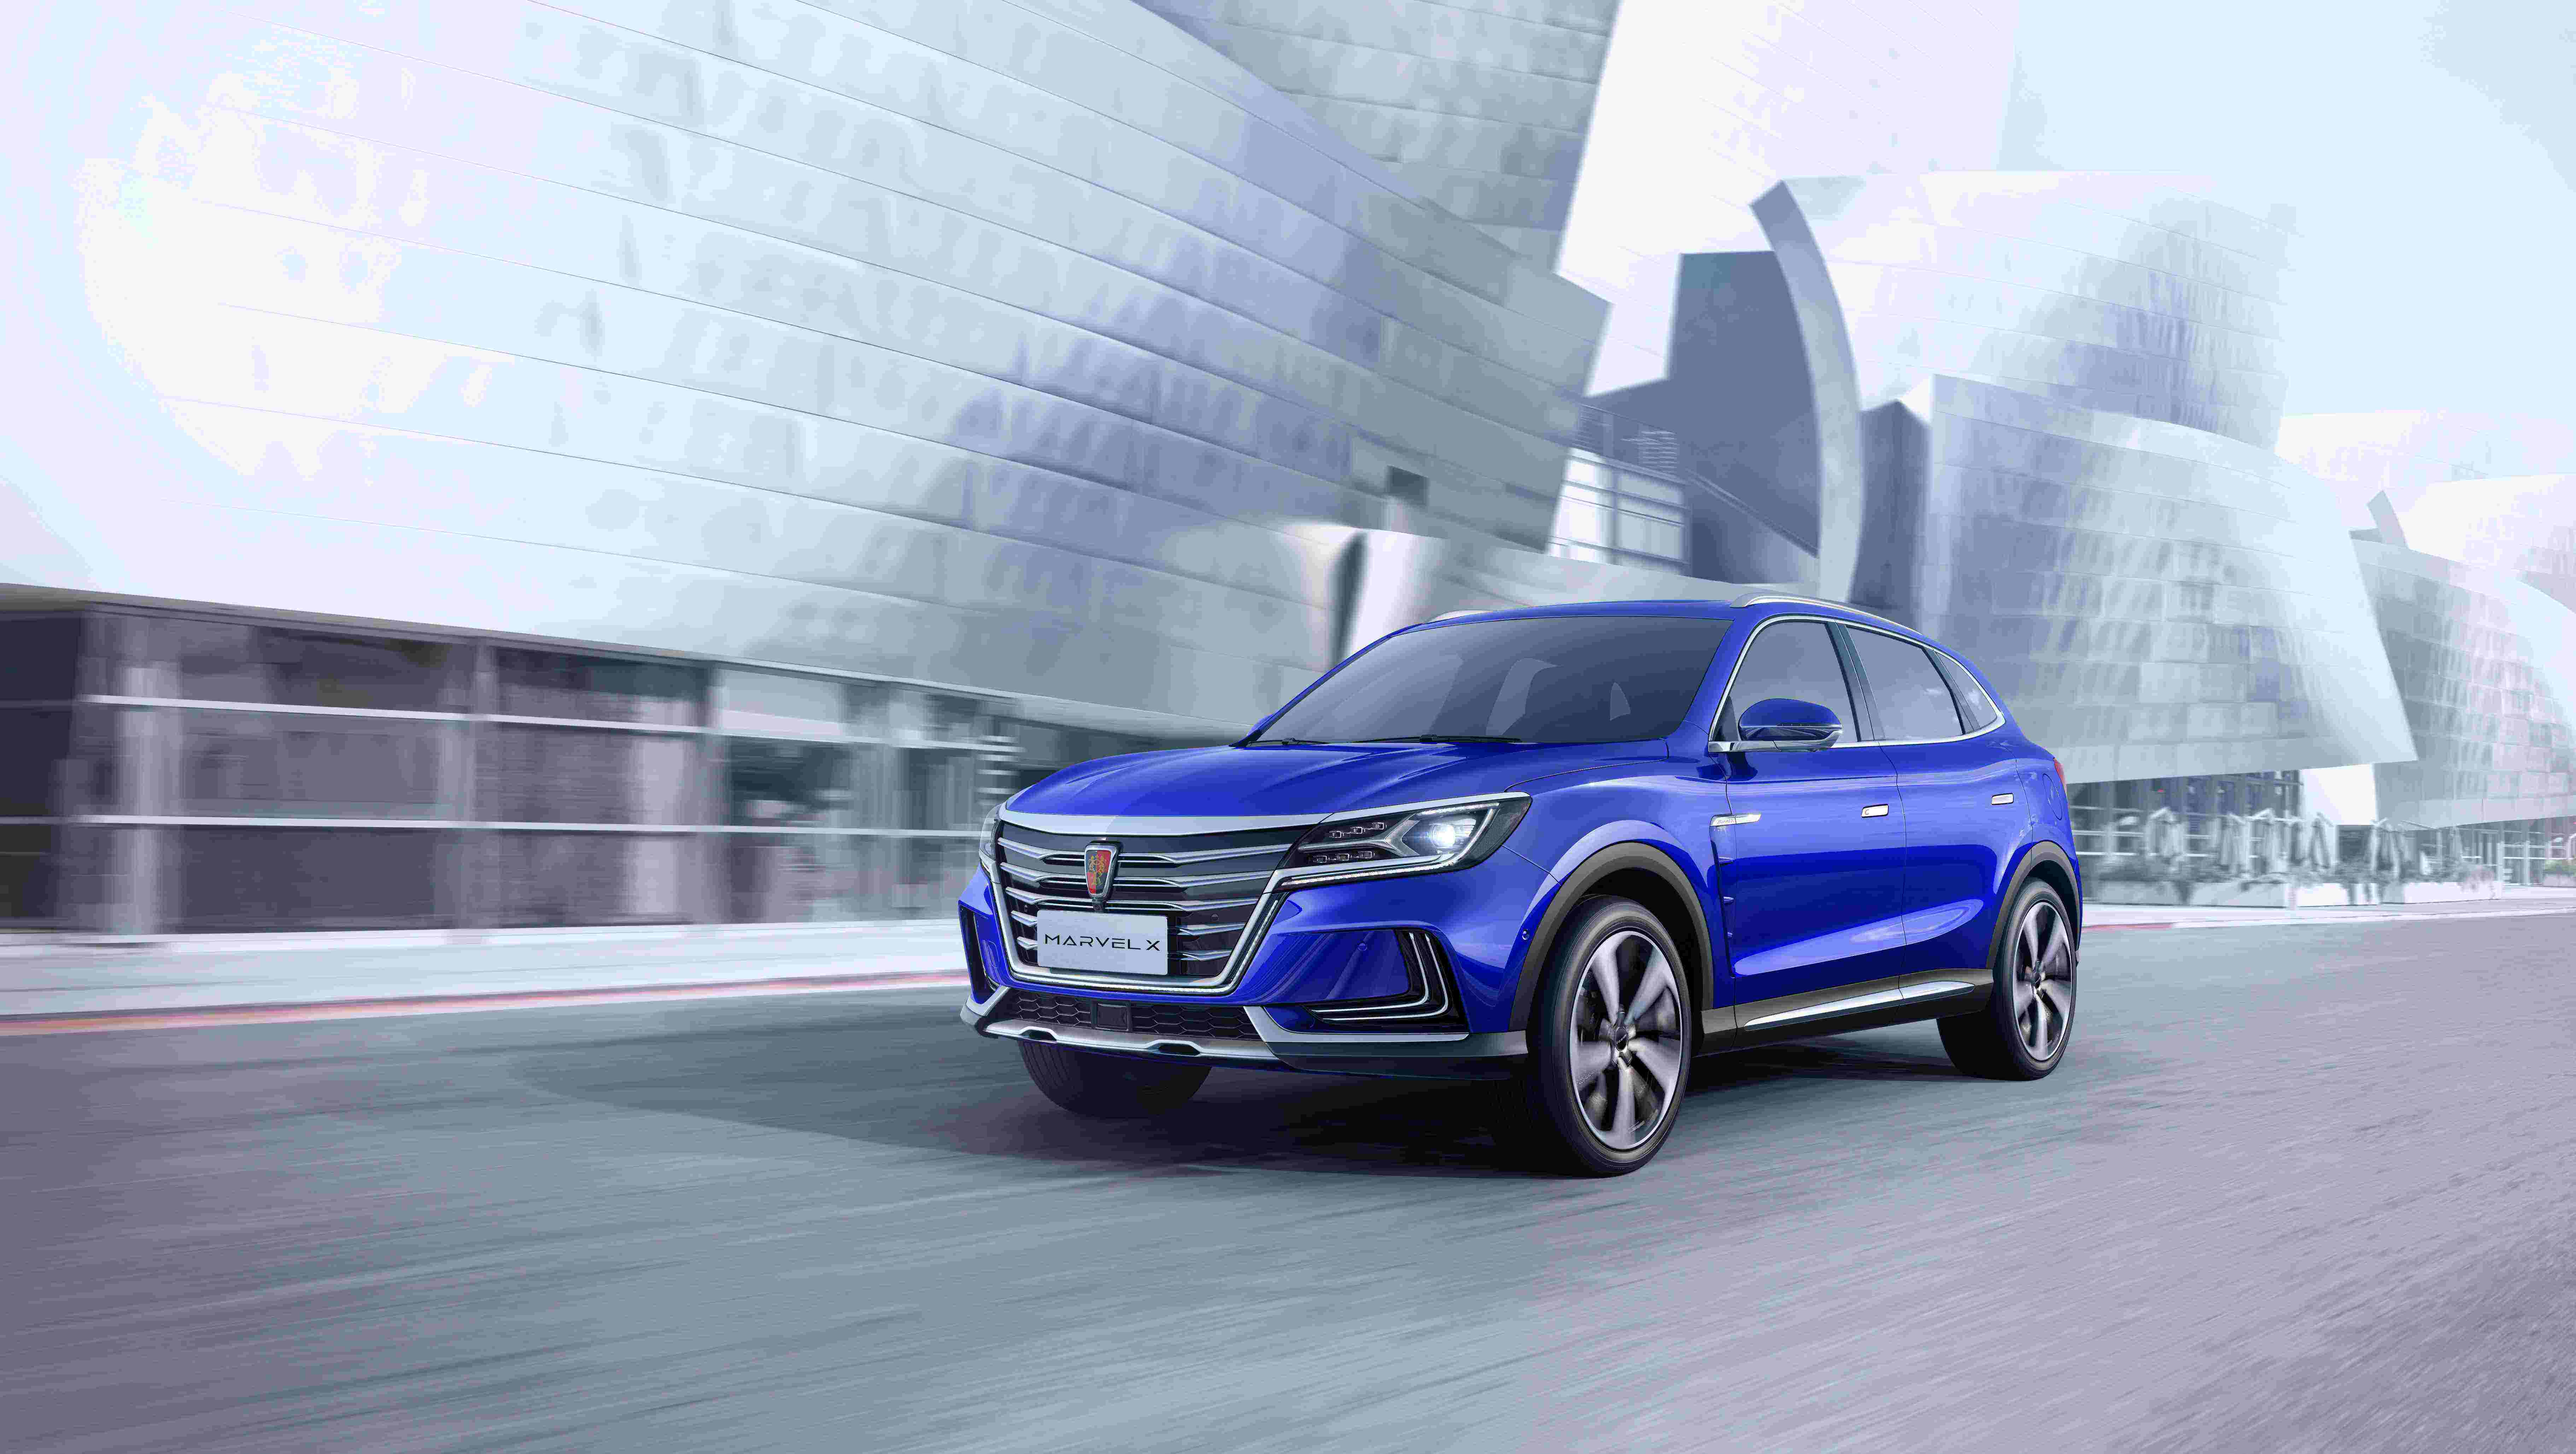 名爵计划于2021年在欧洲推出两款全新电动车